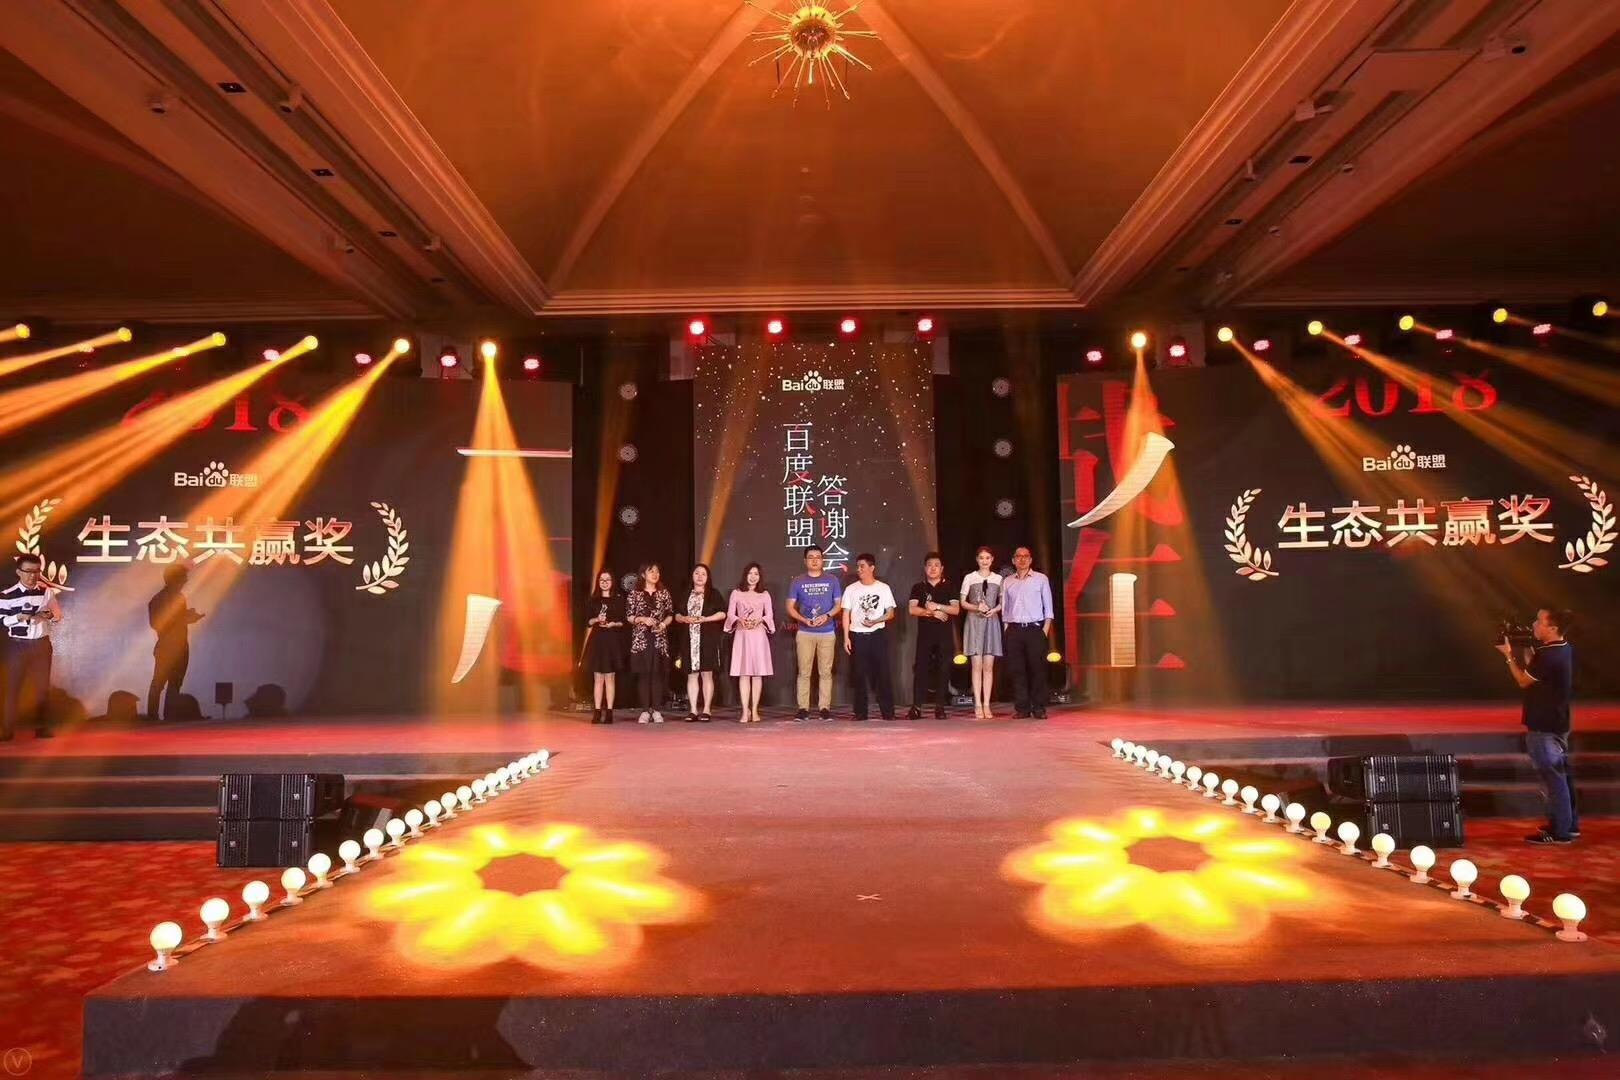 上海开业庆典舞台搭建租赁安装技术支持